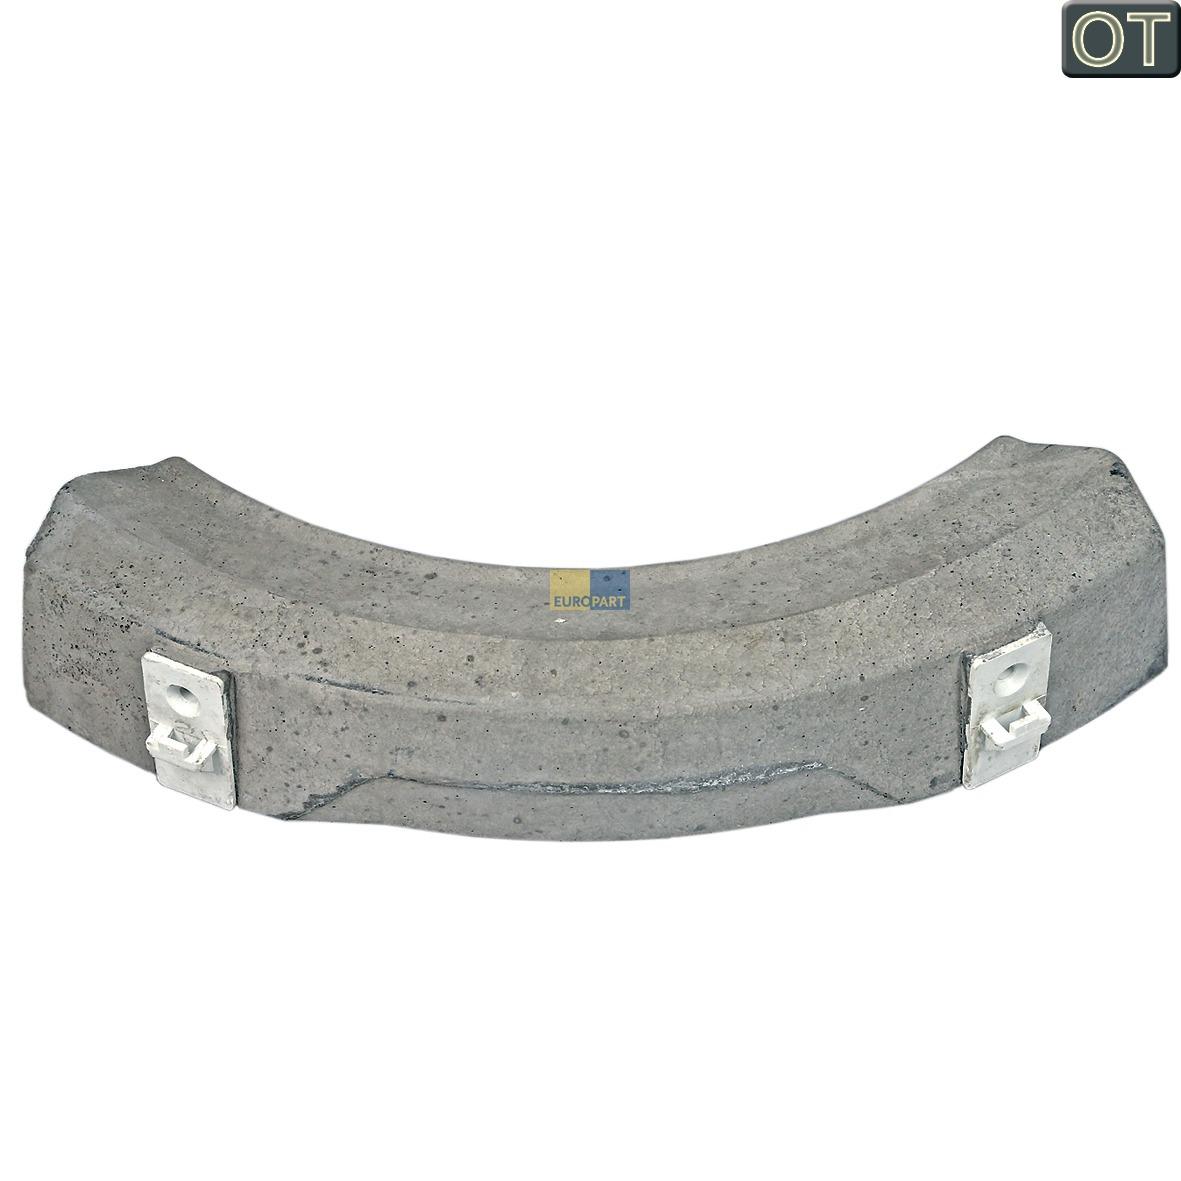 Image of Gewicht achter wasmachine 1240183028